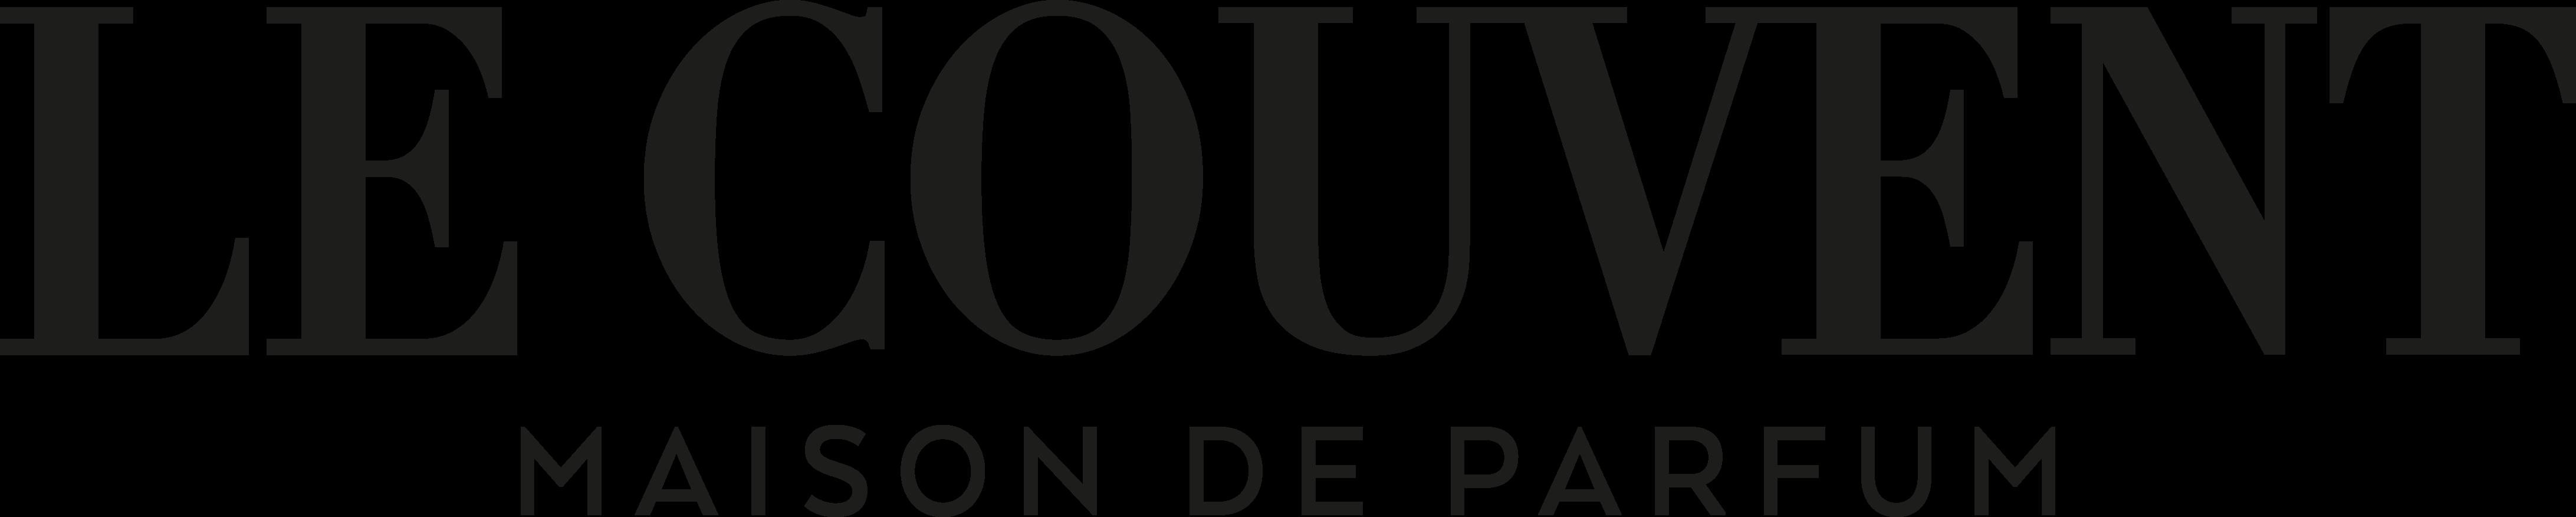 Über die Marke Le Couvent Maison de Parfum